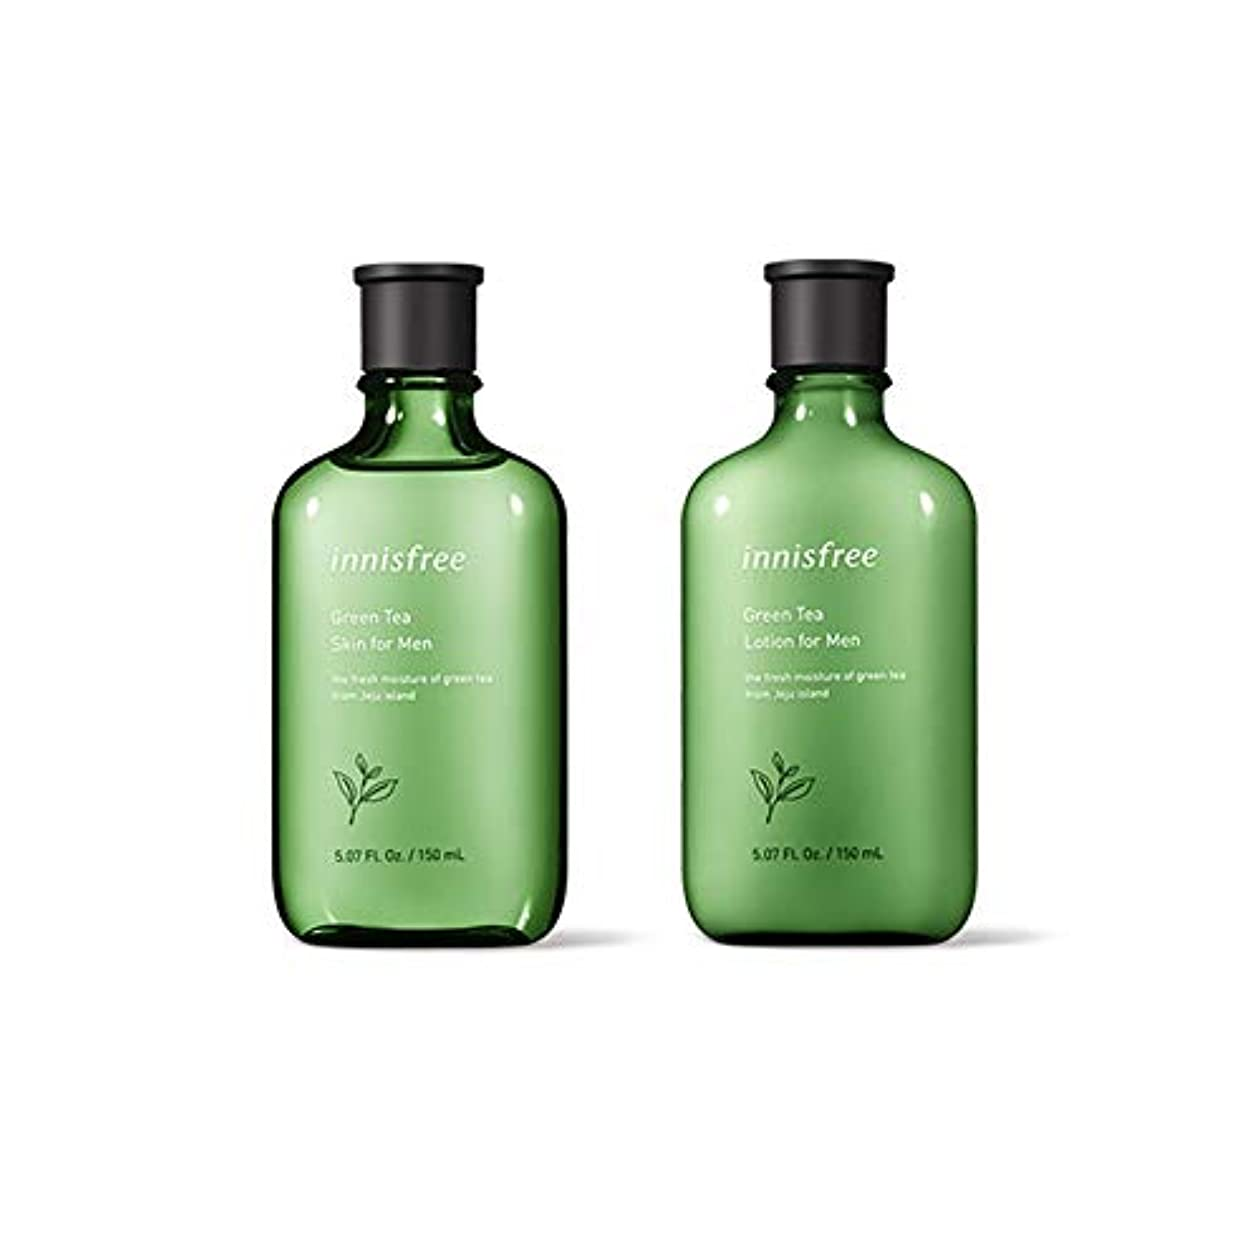 ビール危険を冒しますクロスイニスフリー Innisfree グリーンティースキン & ローションセットフォーメン(150ml+150ml) Innisfree Green Tea Skin & Lotion Set For Men(150ml+150ml...